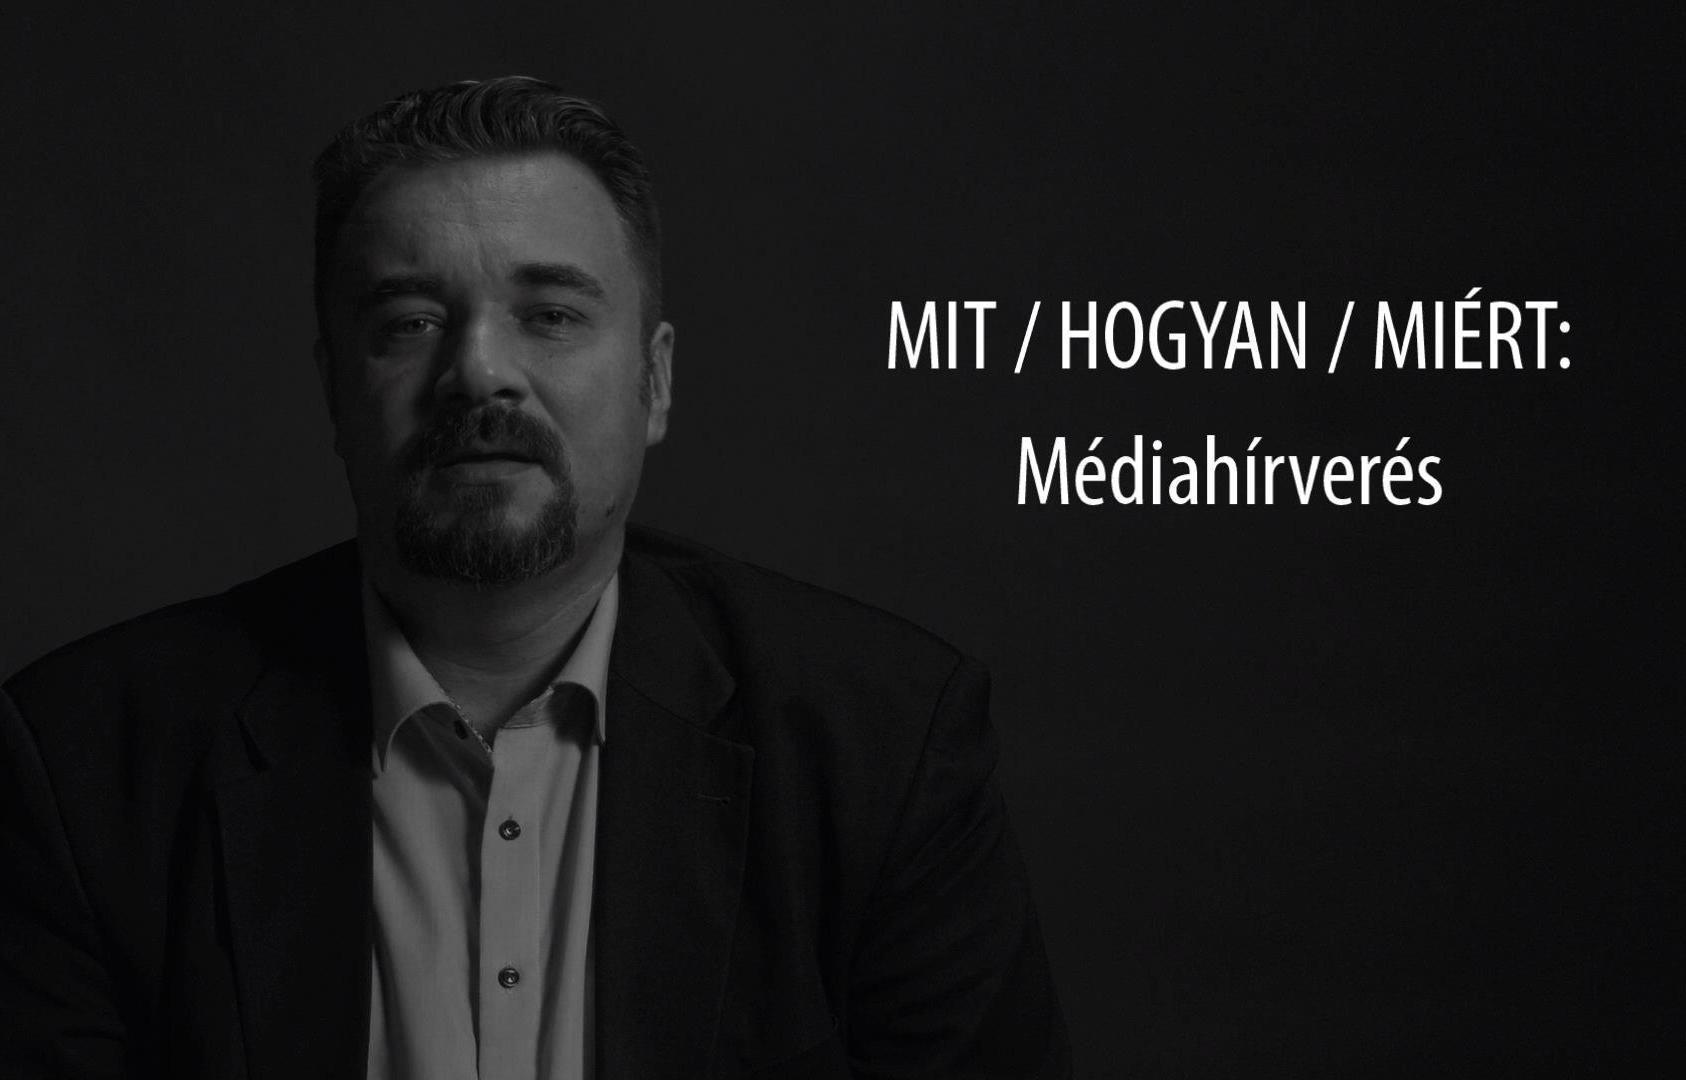 Szeretnél bekerülni a médiába? És a média szeretné, hogy bekerülj?